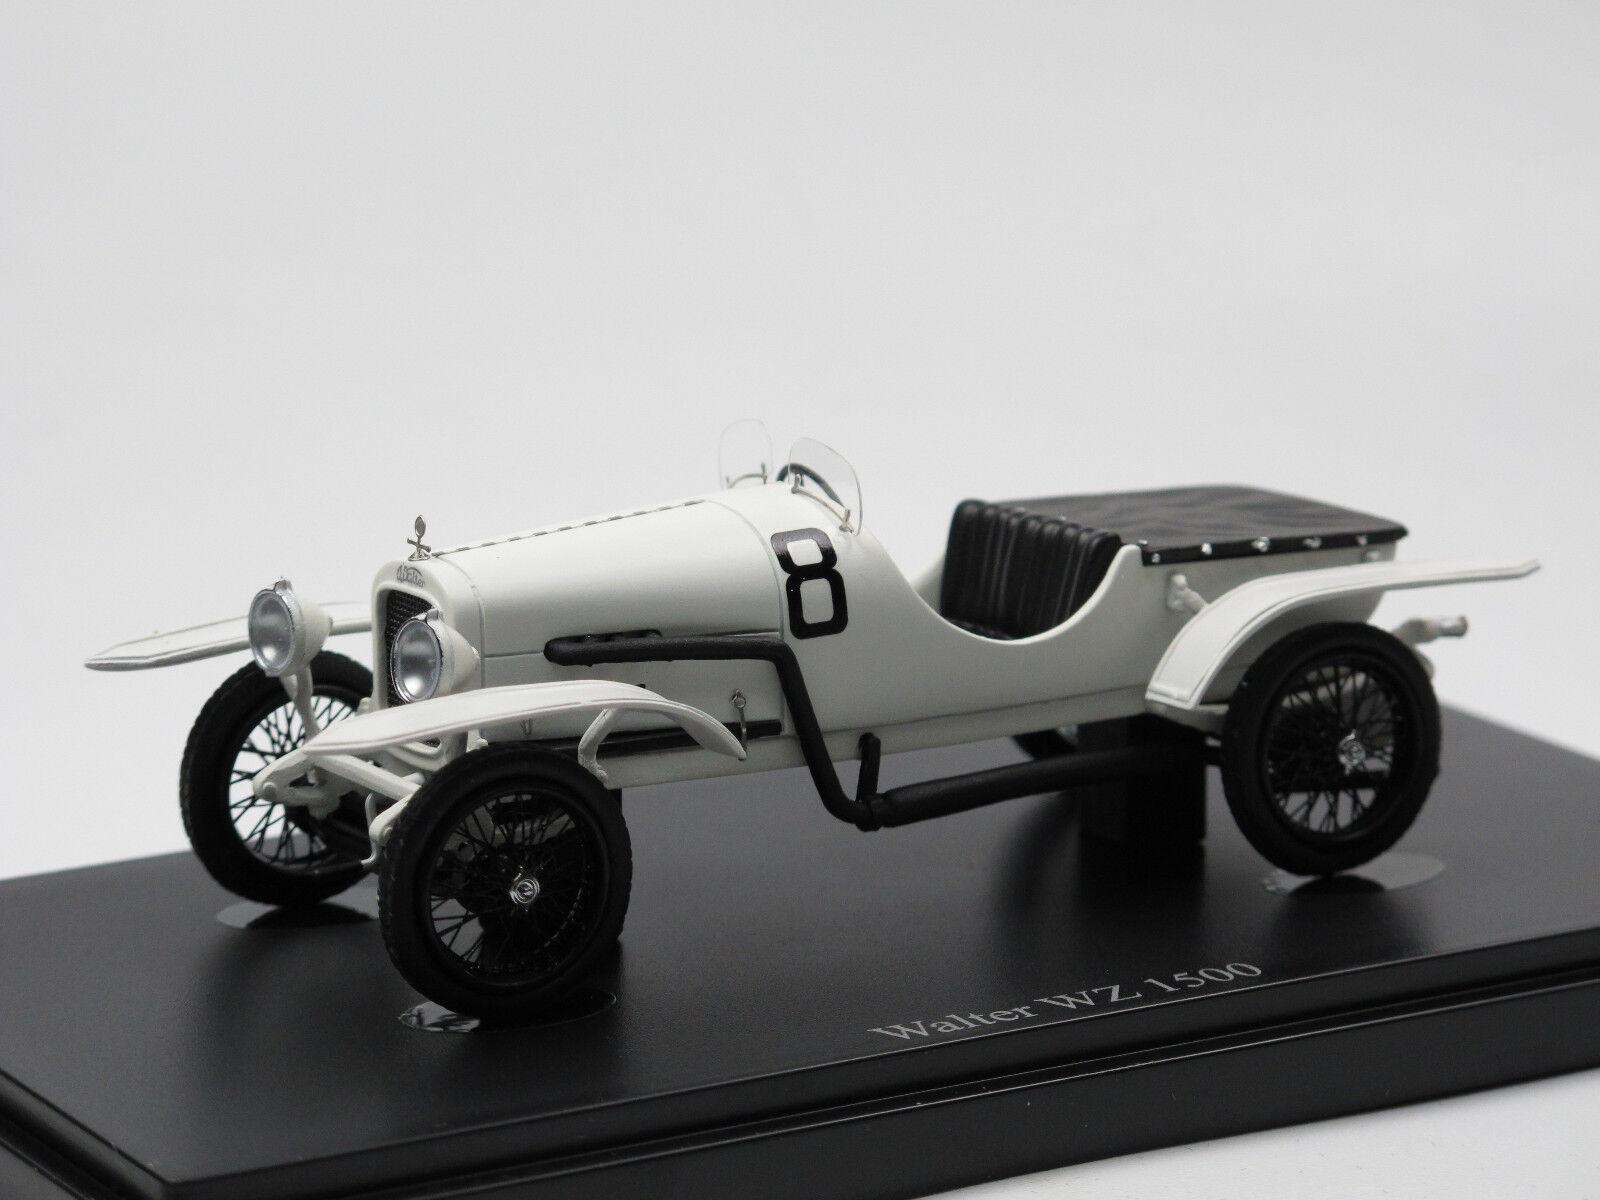 AutoCult 01002 Walter WZ 1500 Rennwagen (CZ) Bergrennen 1924  43